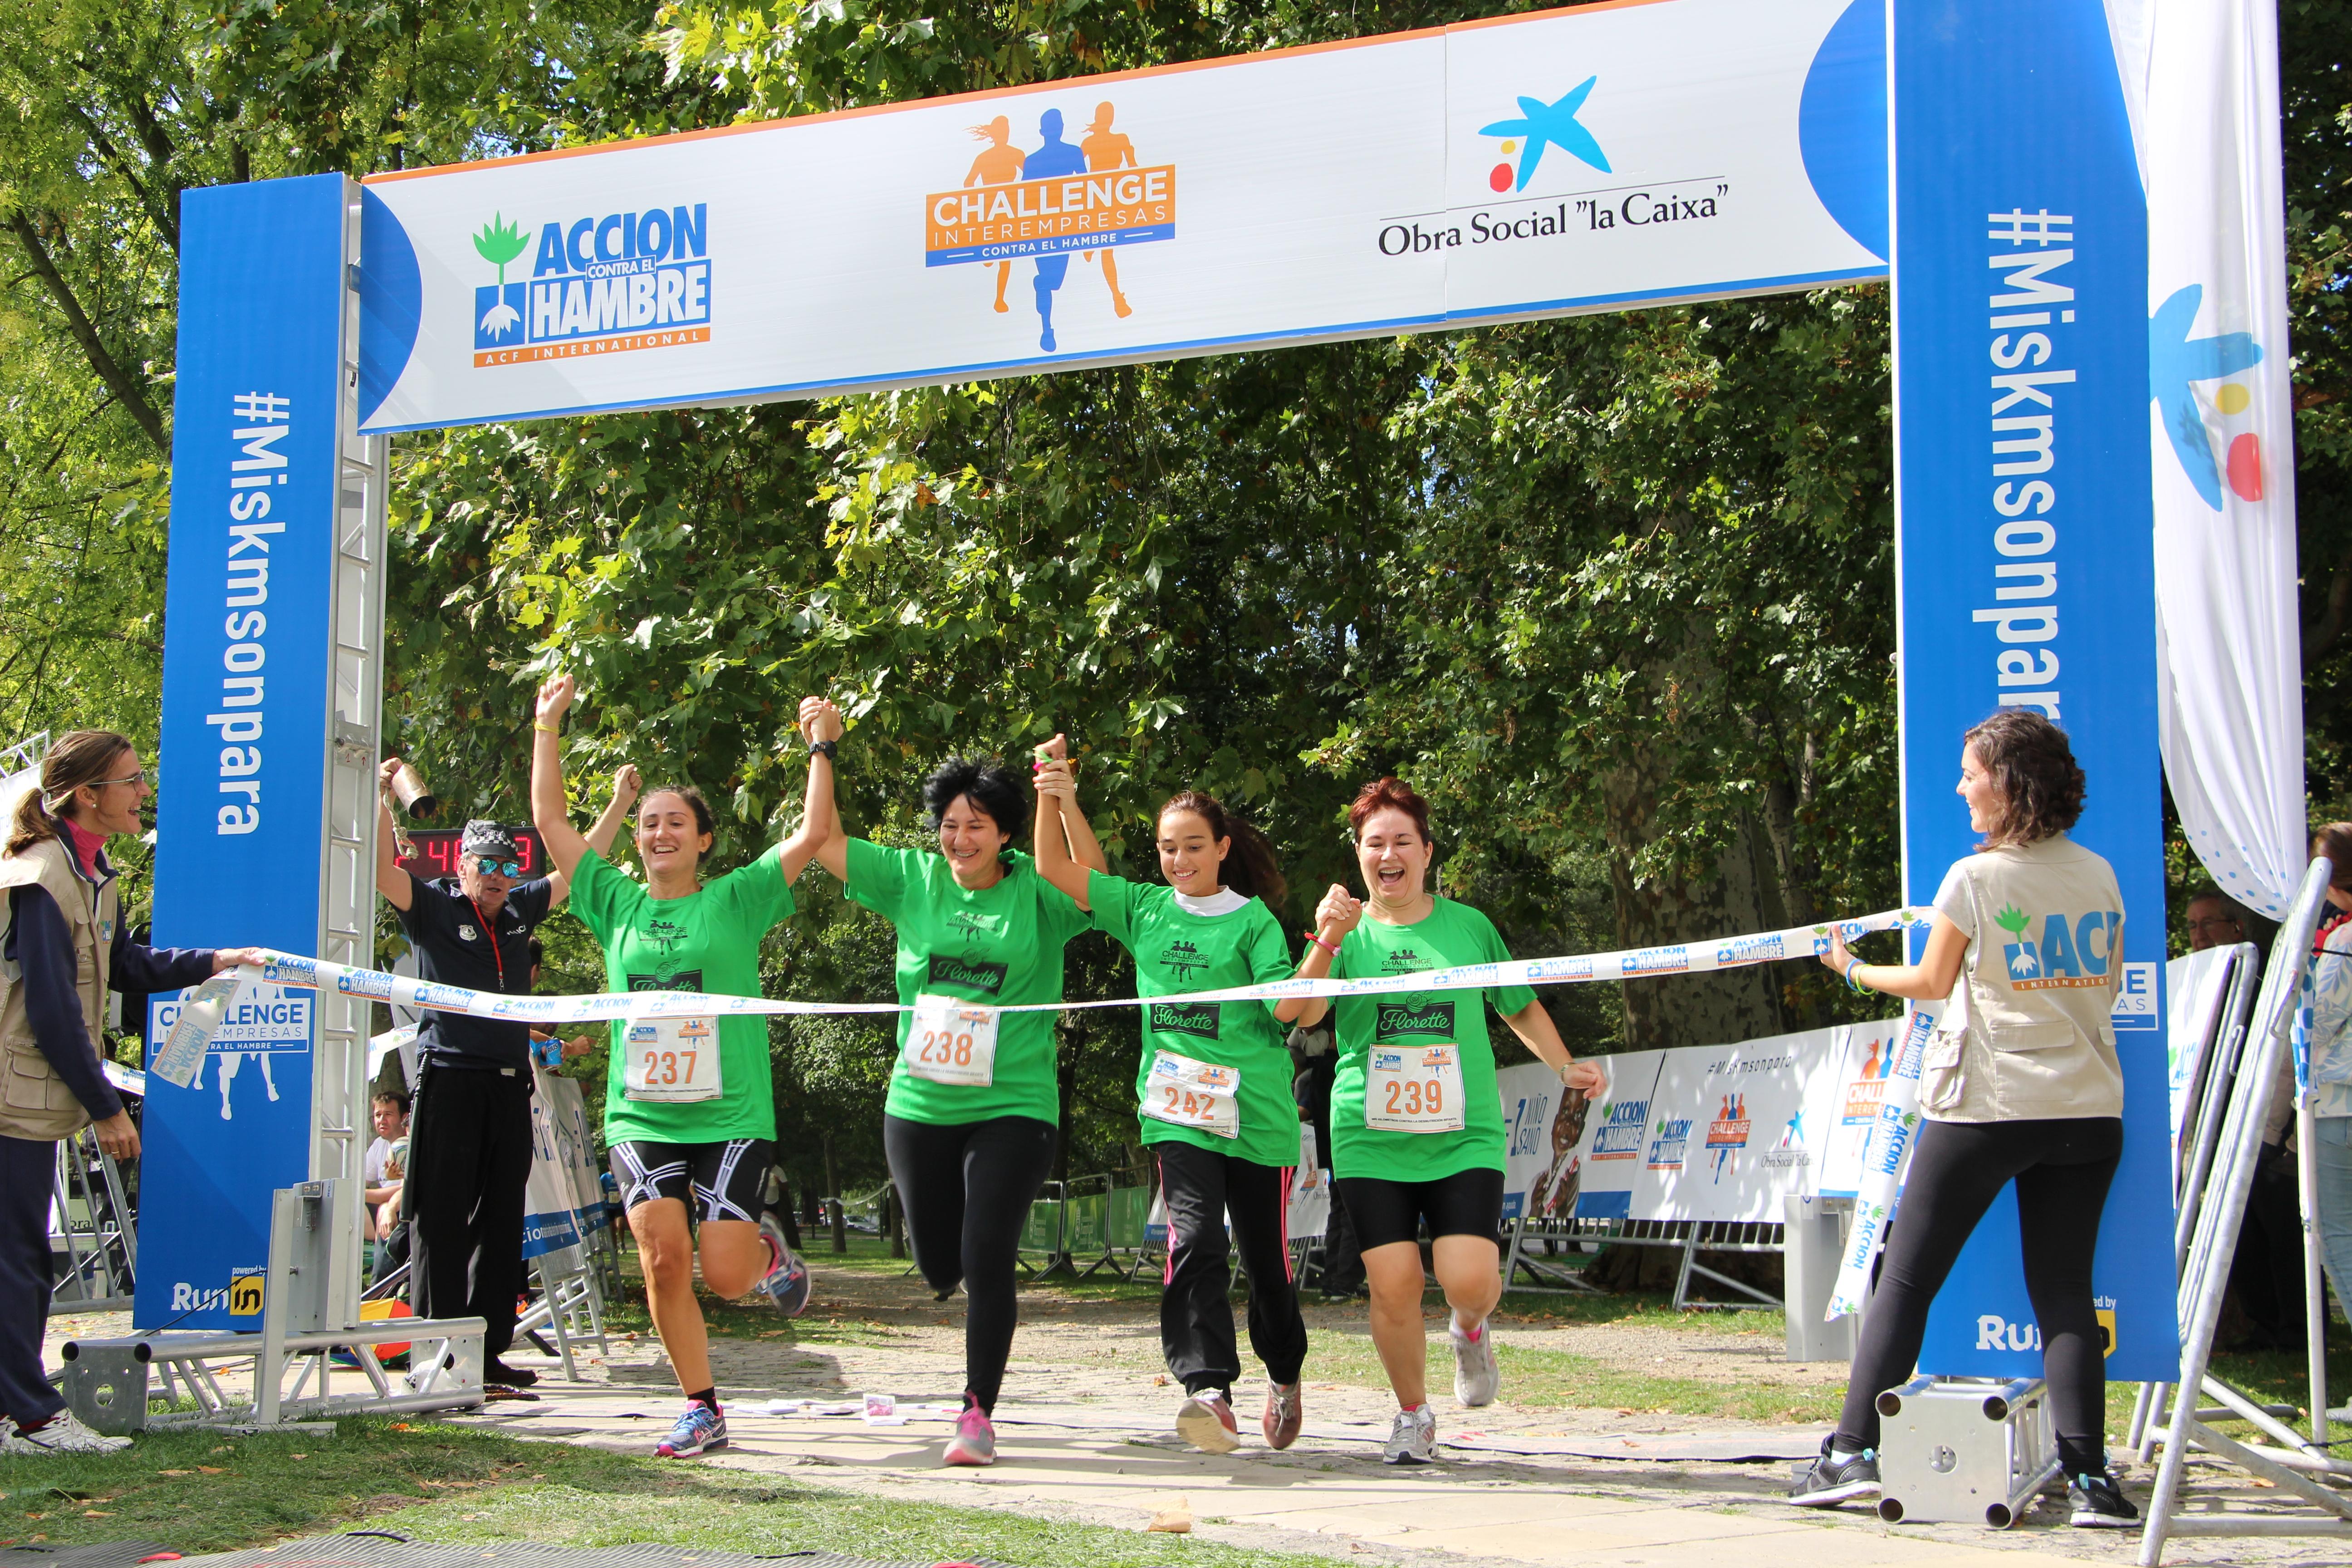 """Grupo de personas corriendo en la carrera """"Hambre cero"""""""